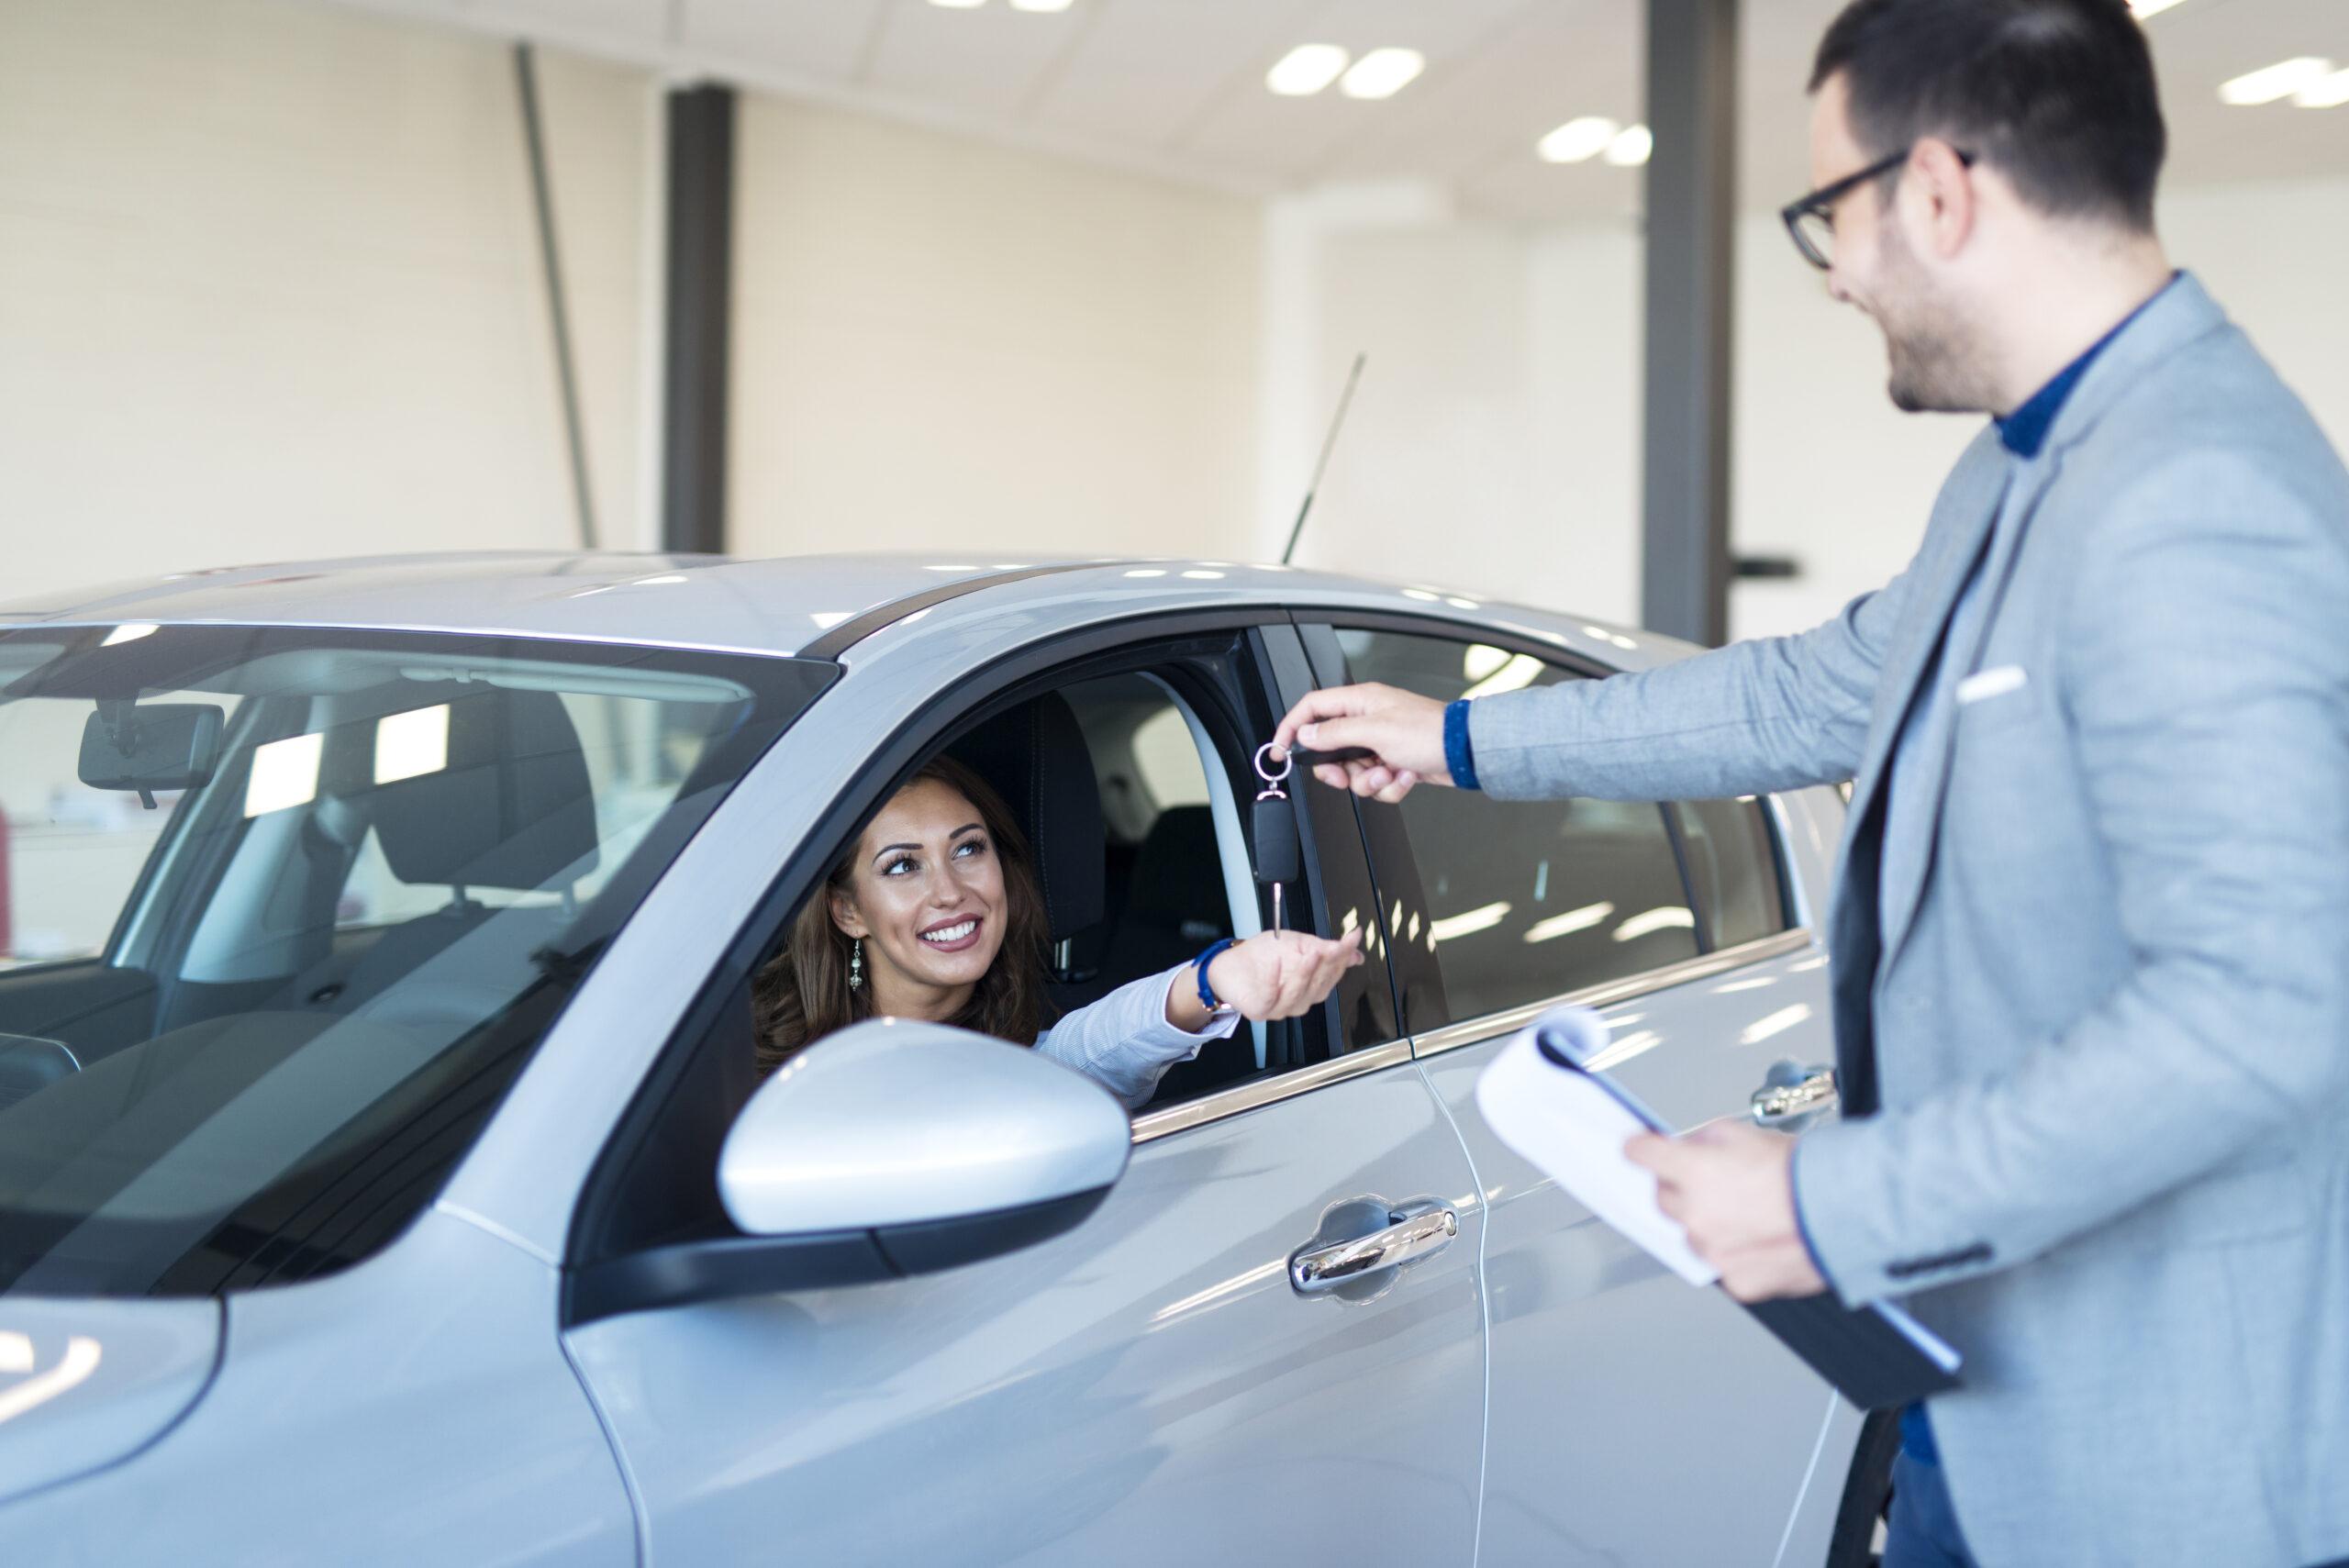 ¿Cómo presupuestar un crédito para comprar tu carro? Aquí te lo explicamos